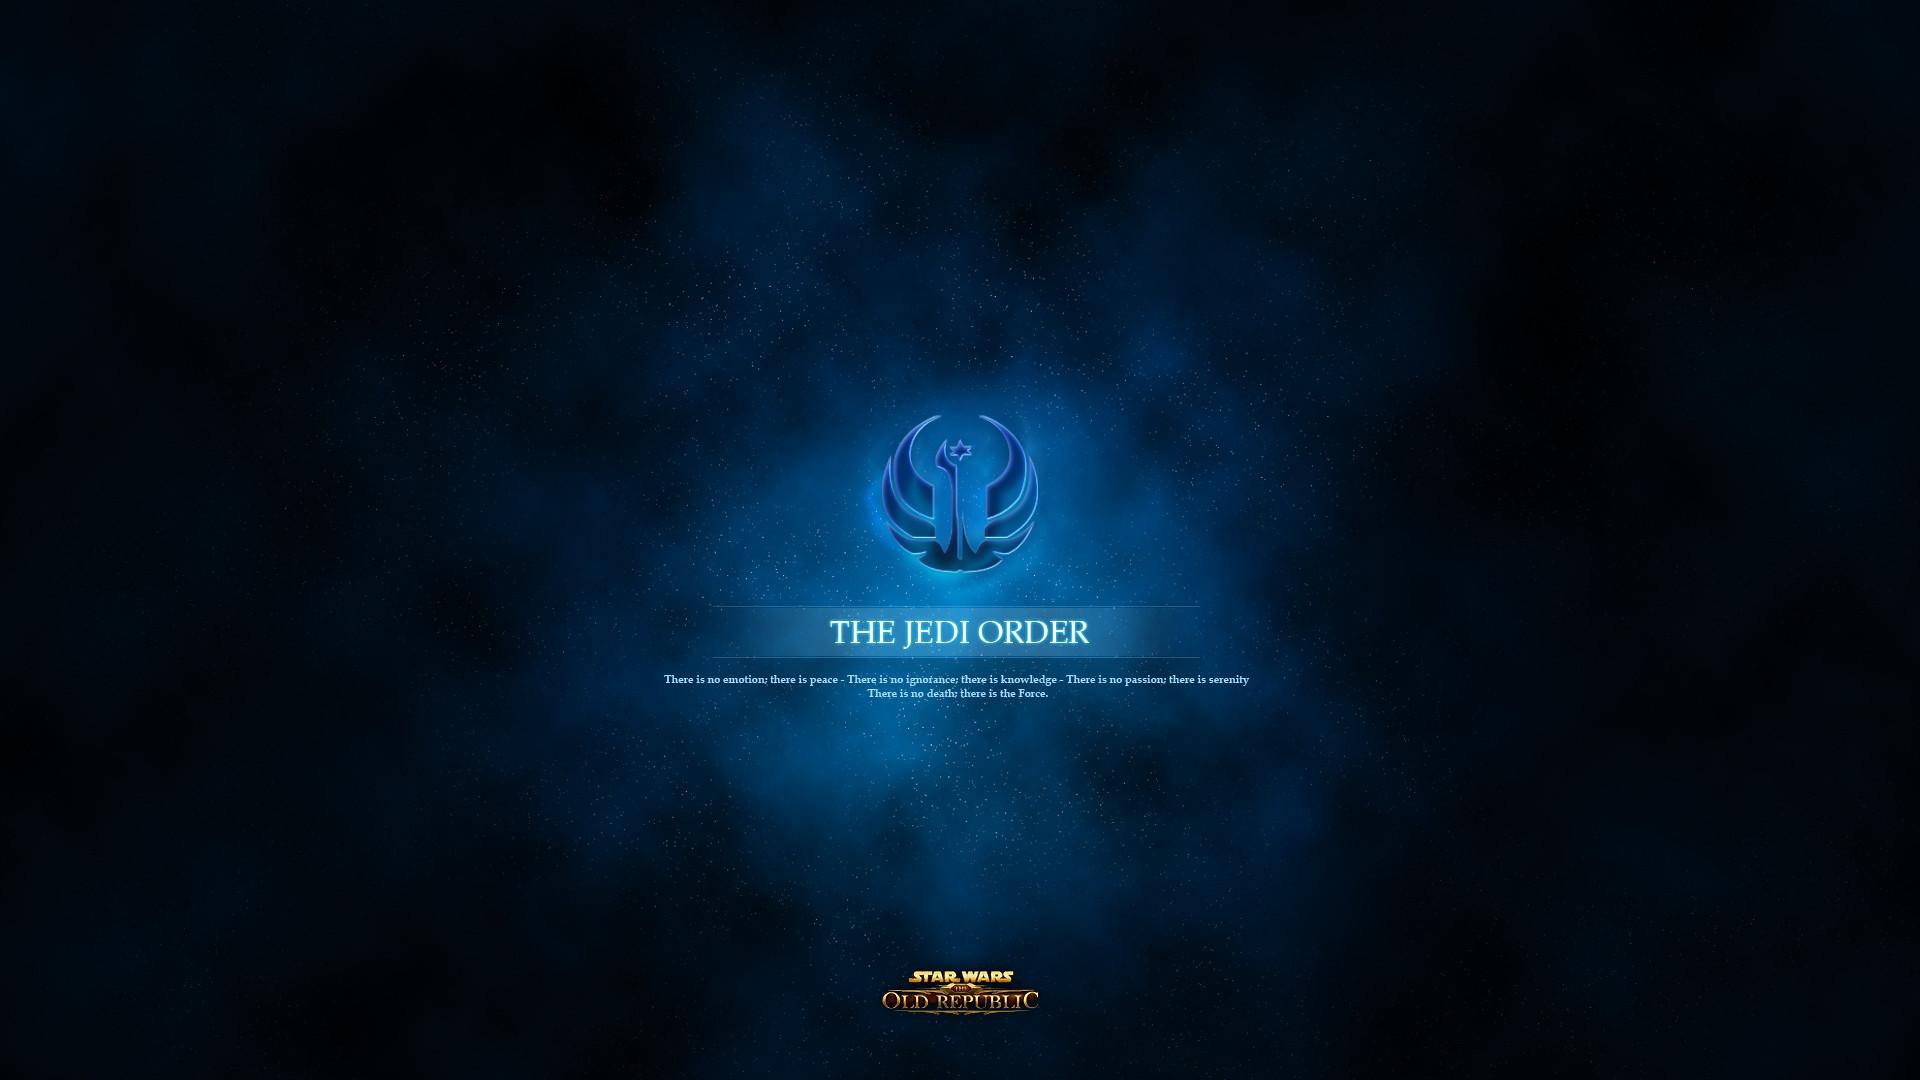 Jedi Logo Wallpaper Hd Next wallpaper